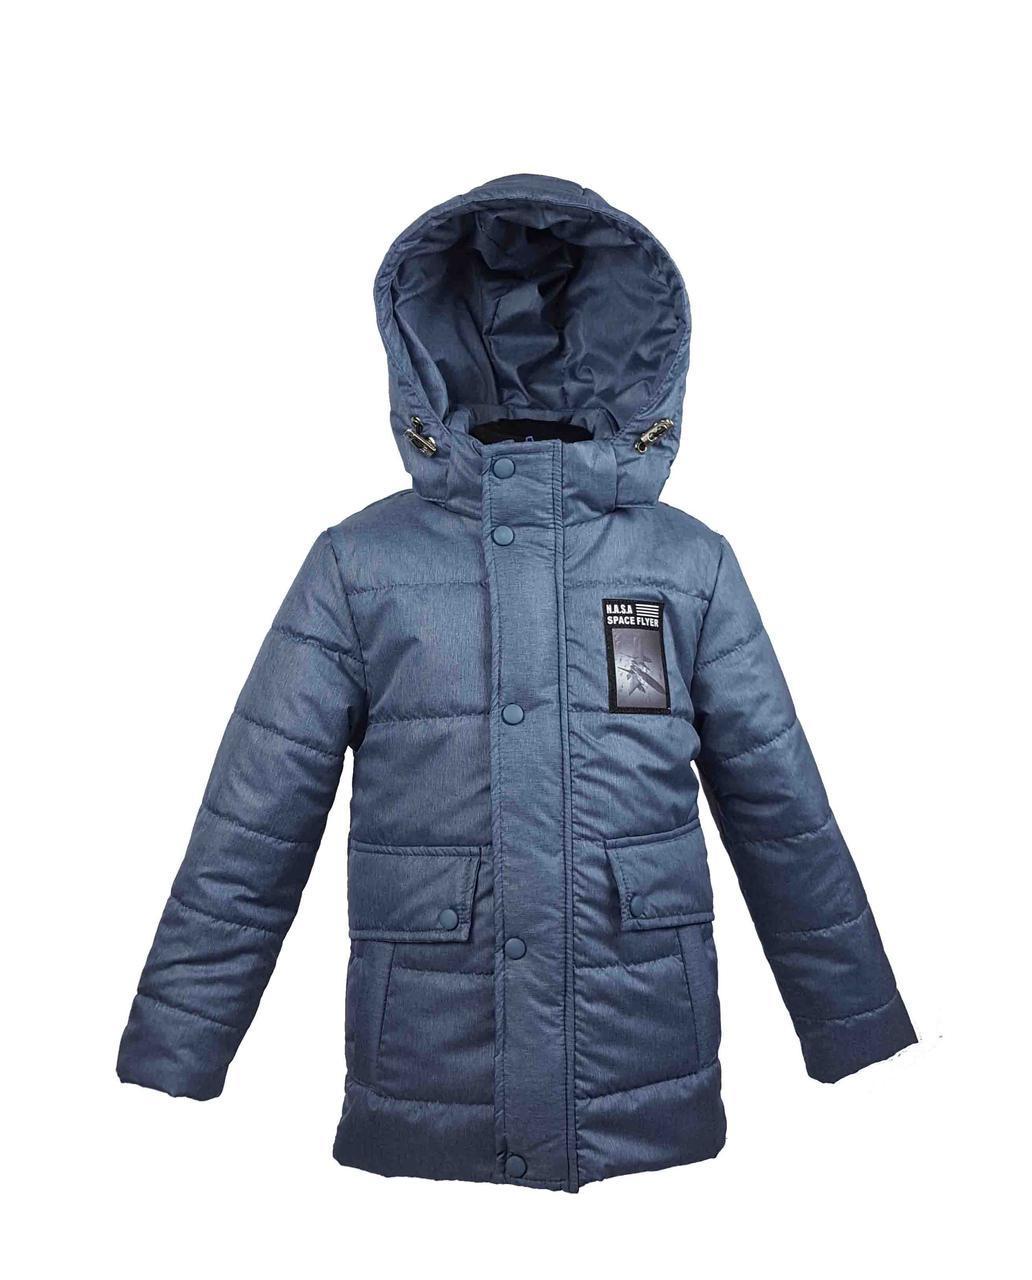 Куртка для мальчика  673 весна-осень, размеры на рост от 116 до 134 возраст от 5 до 9 лет